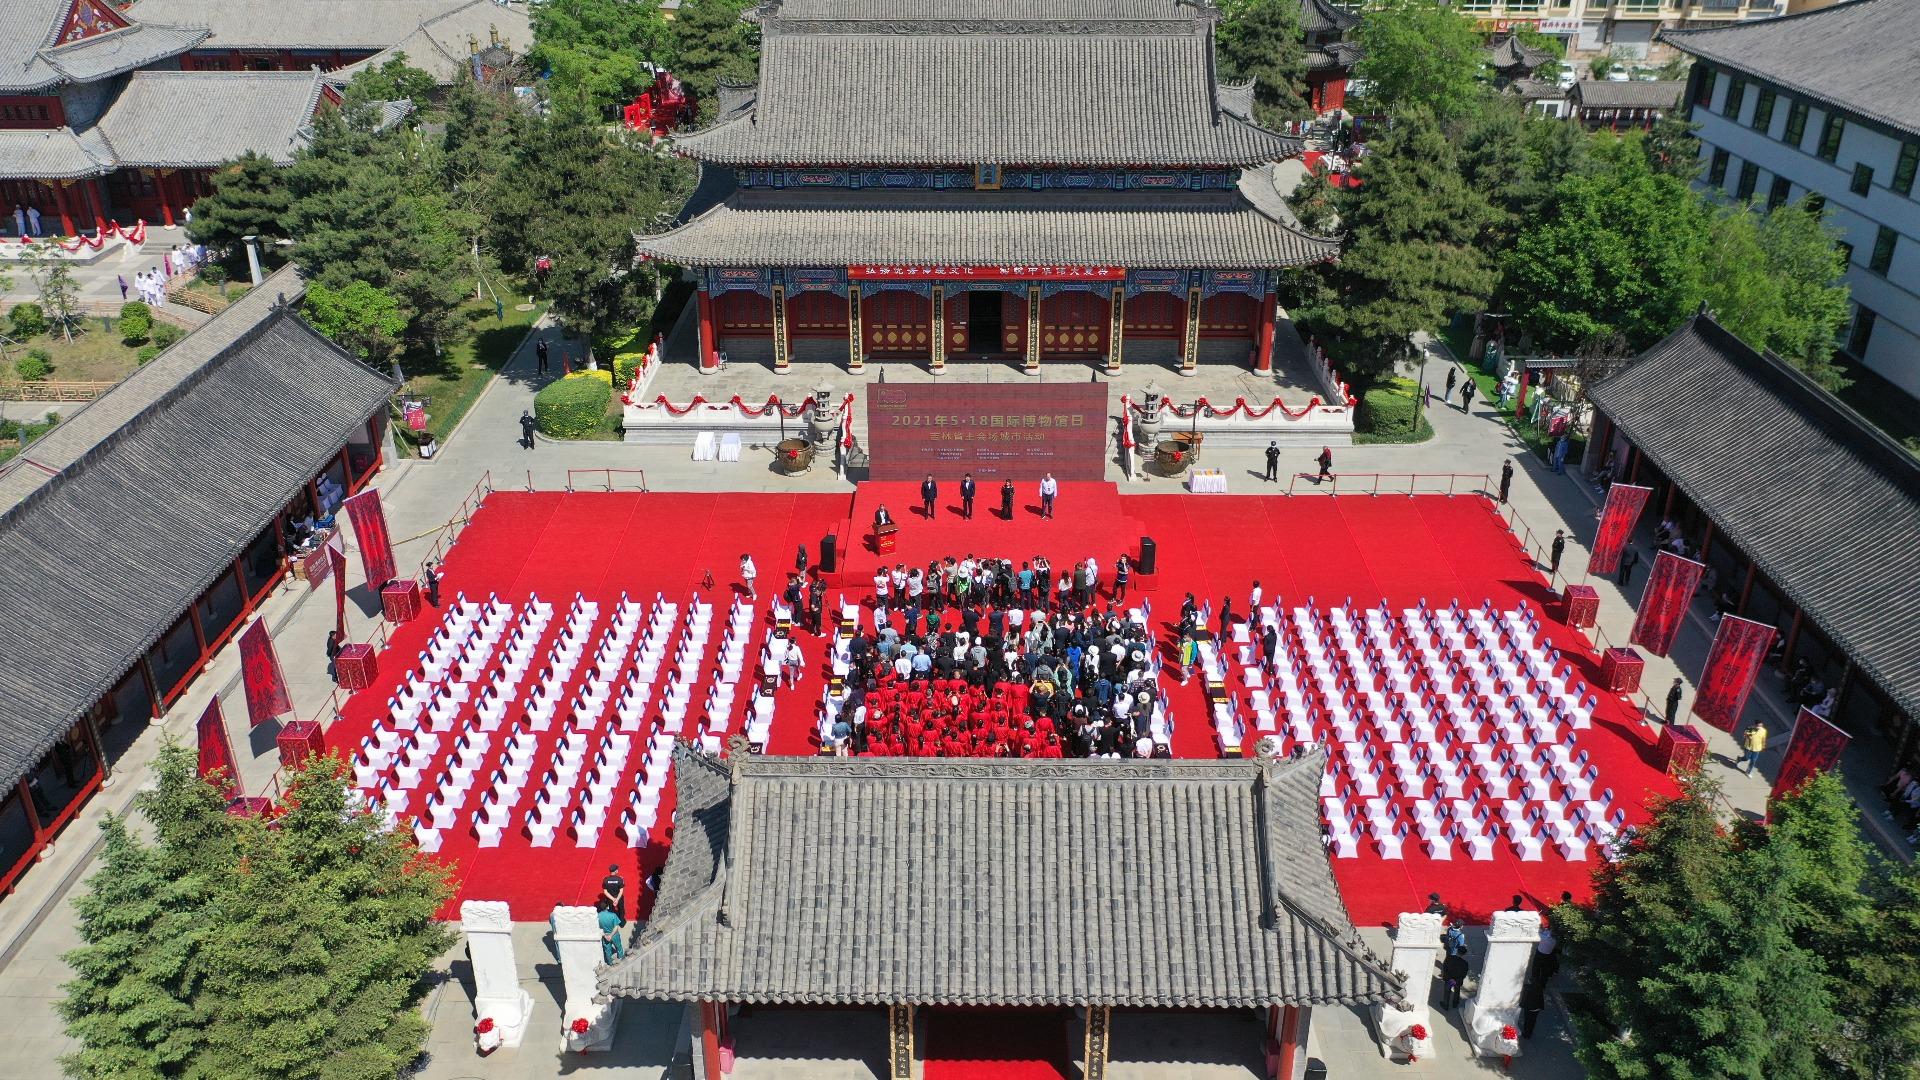 """吉林省""""5•18国际博物馆日""""主会场城市活动启动仪式现场。梁琪佳摄"""